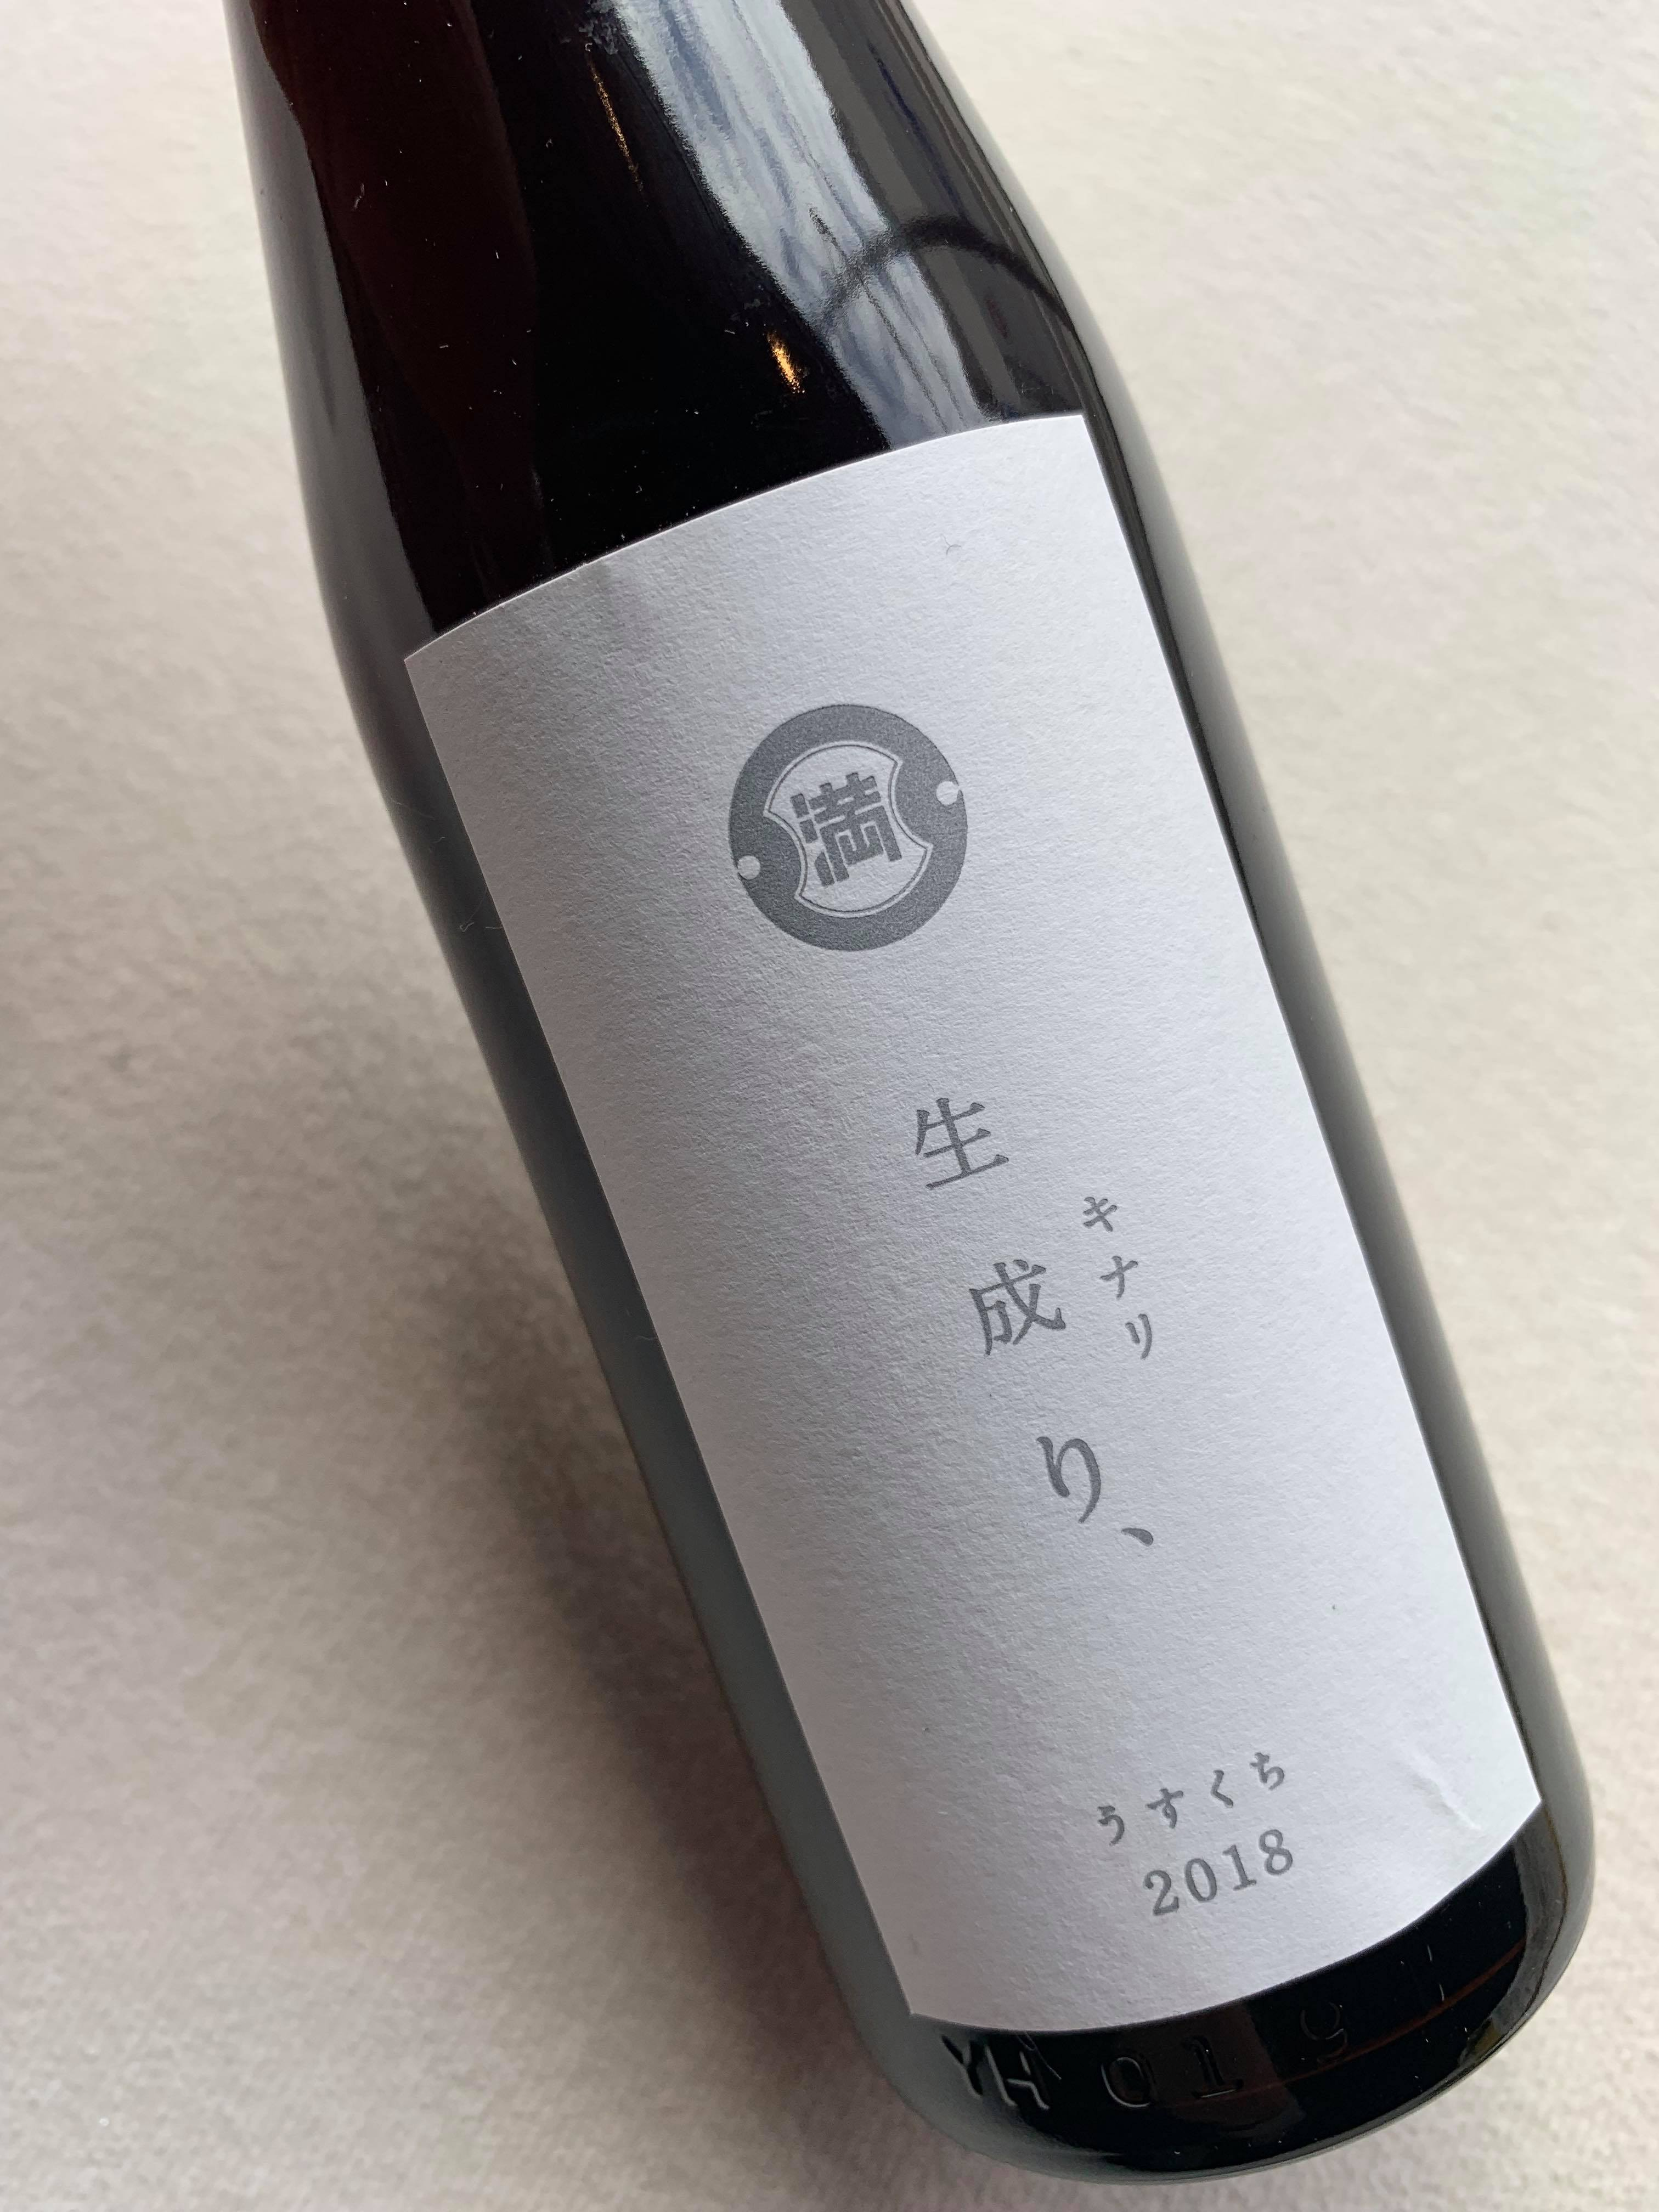 FUJIMARUセレクト/ミツル醤油 生成りうすくち2018 300ml(福岡・ミツル醤油醸造元)